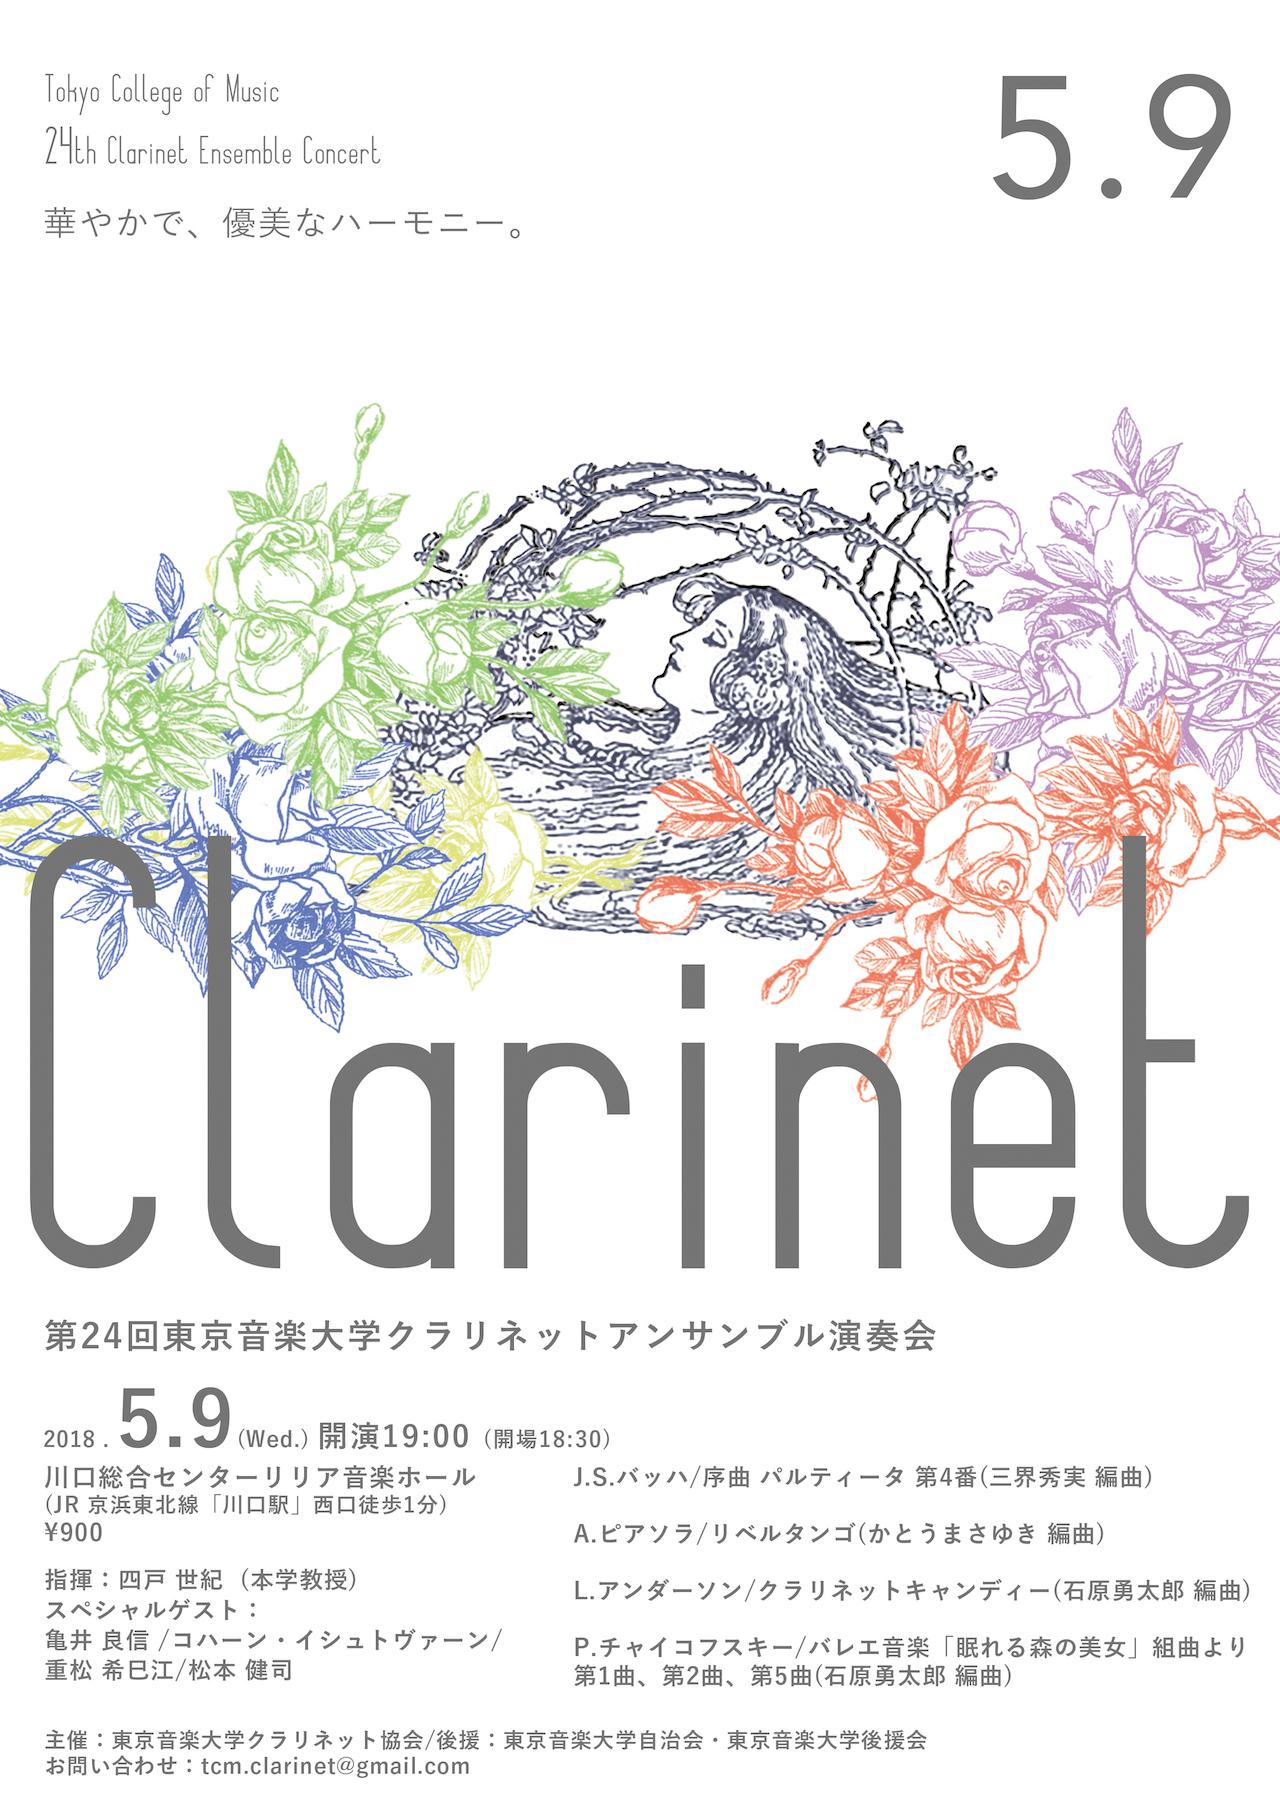 第24回東京音楽大学クラリネットアンサンブル演奏会